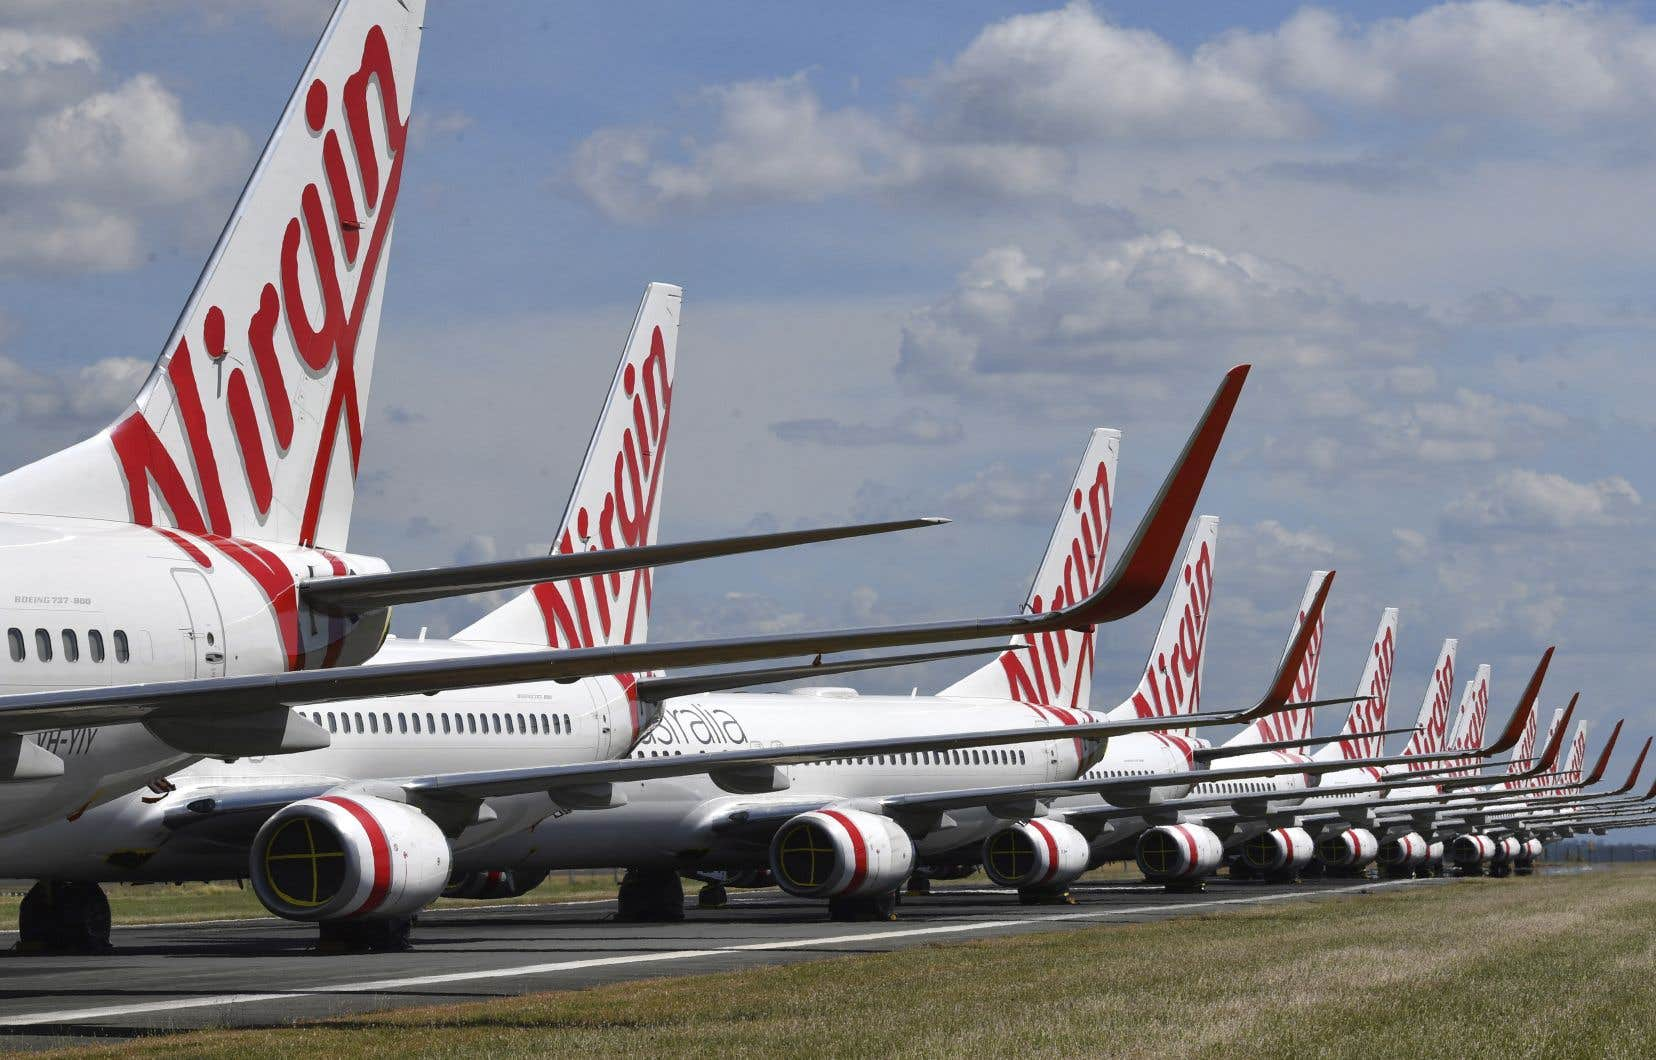 L'IATA évalue que la crise menace 25millions d'emplois dans l'aviation et les chaînes de valeur connexes, y compris le secteur touristique.